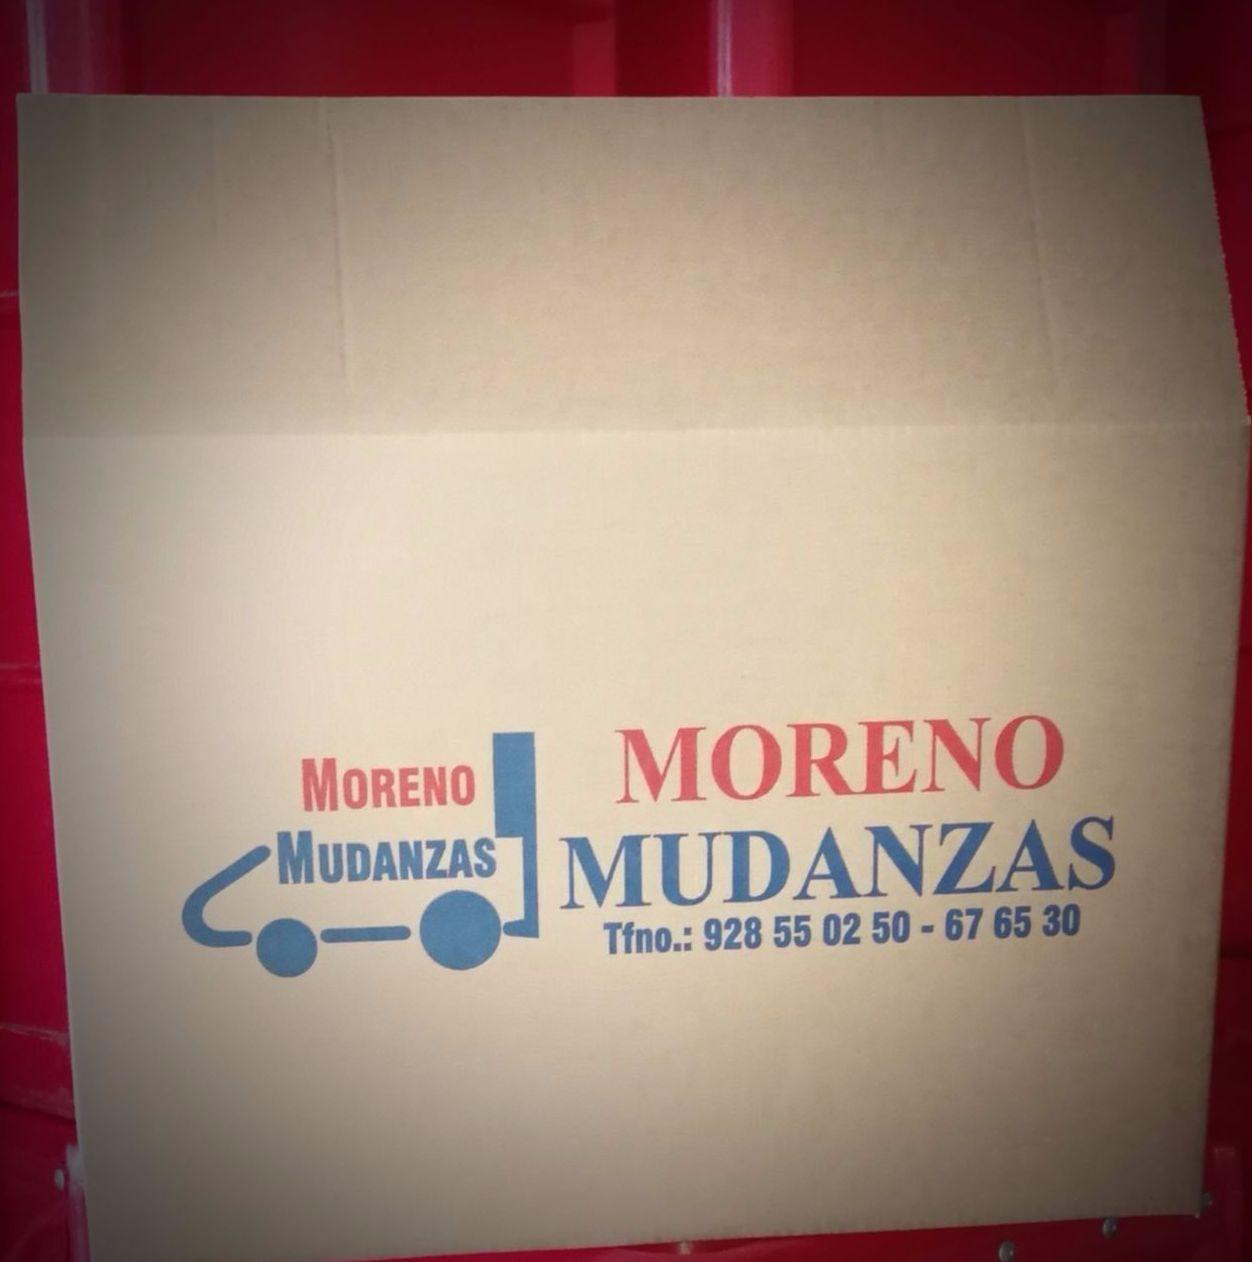 Foto 21 de Mudanzas en Gáldar | Mudanzas Moreno